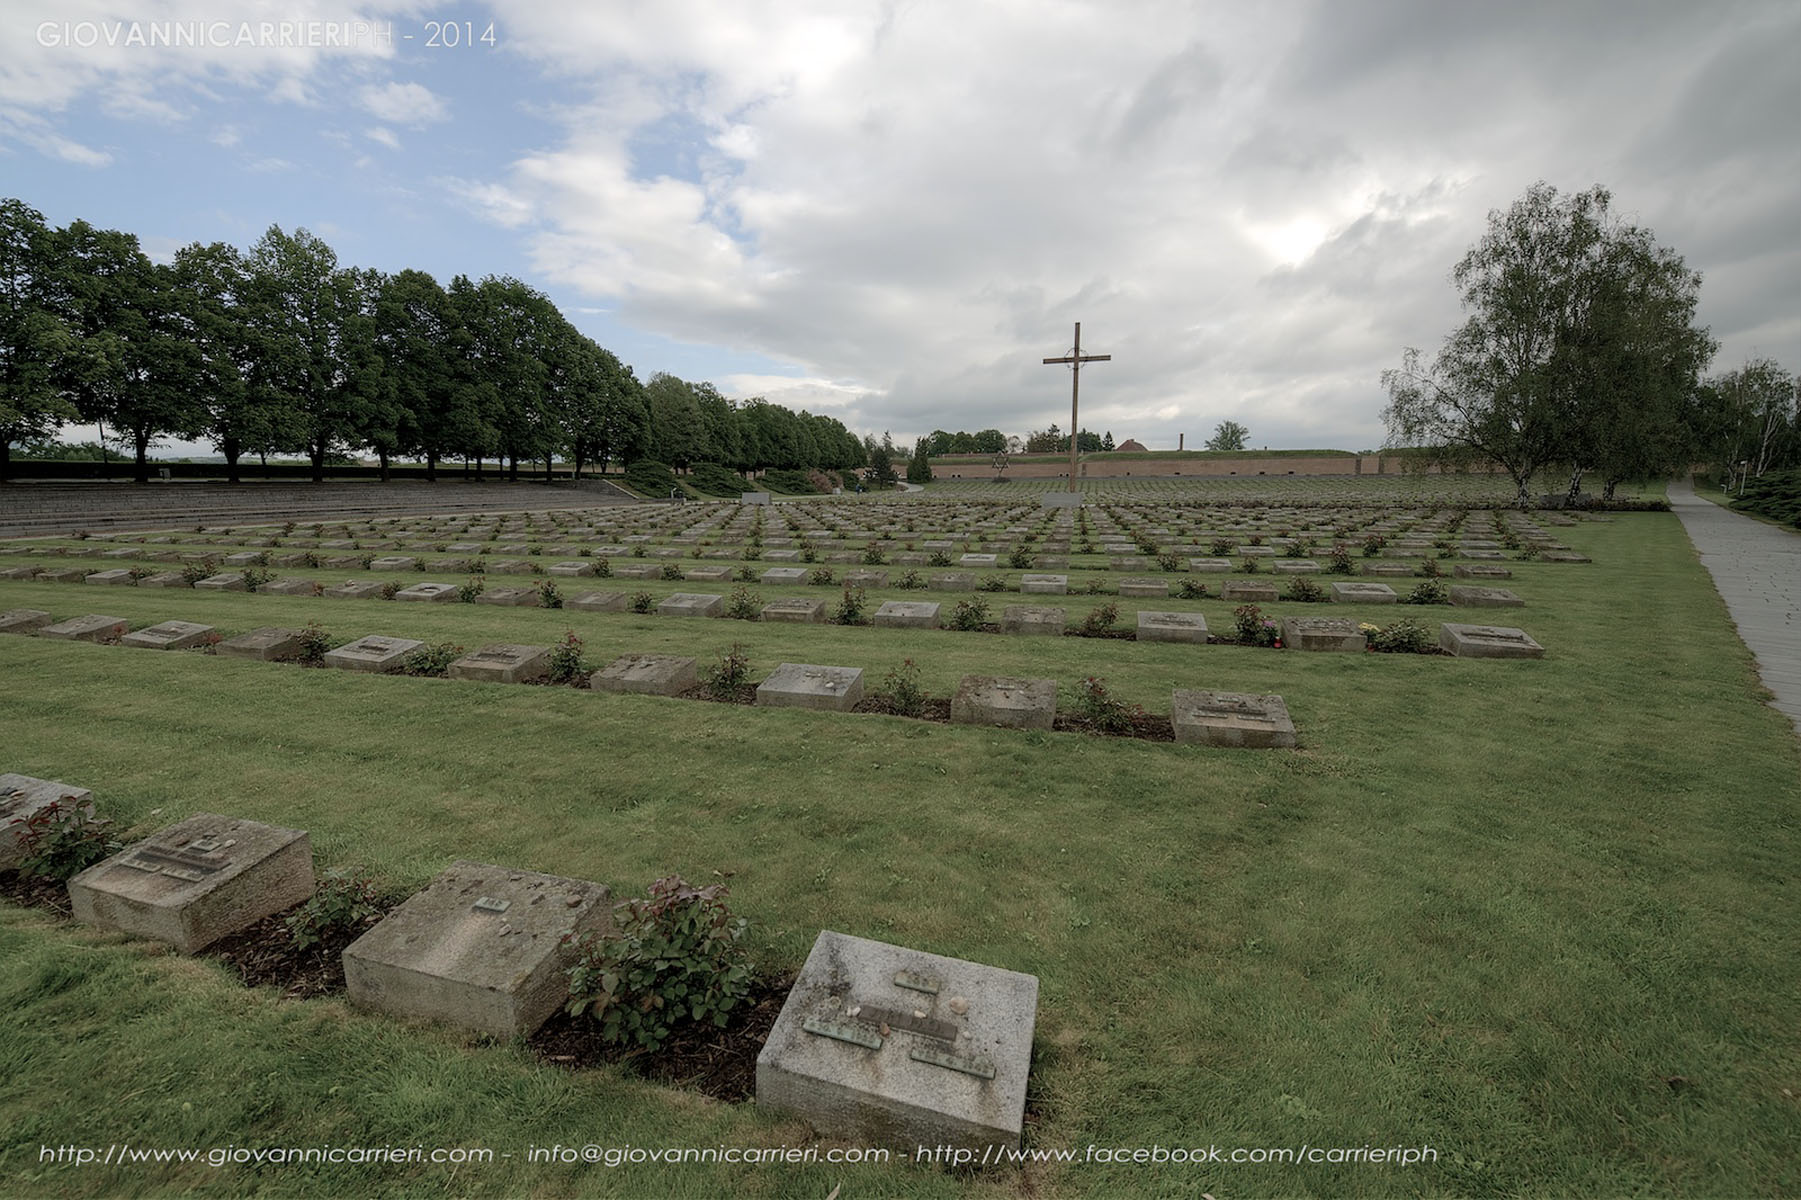 Il Cimitero Nazionale di Theresienstadt - la croce